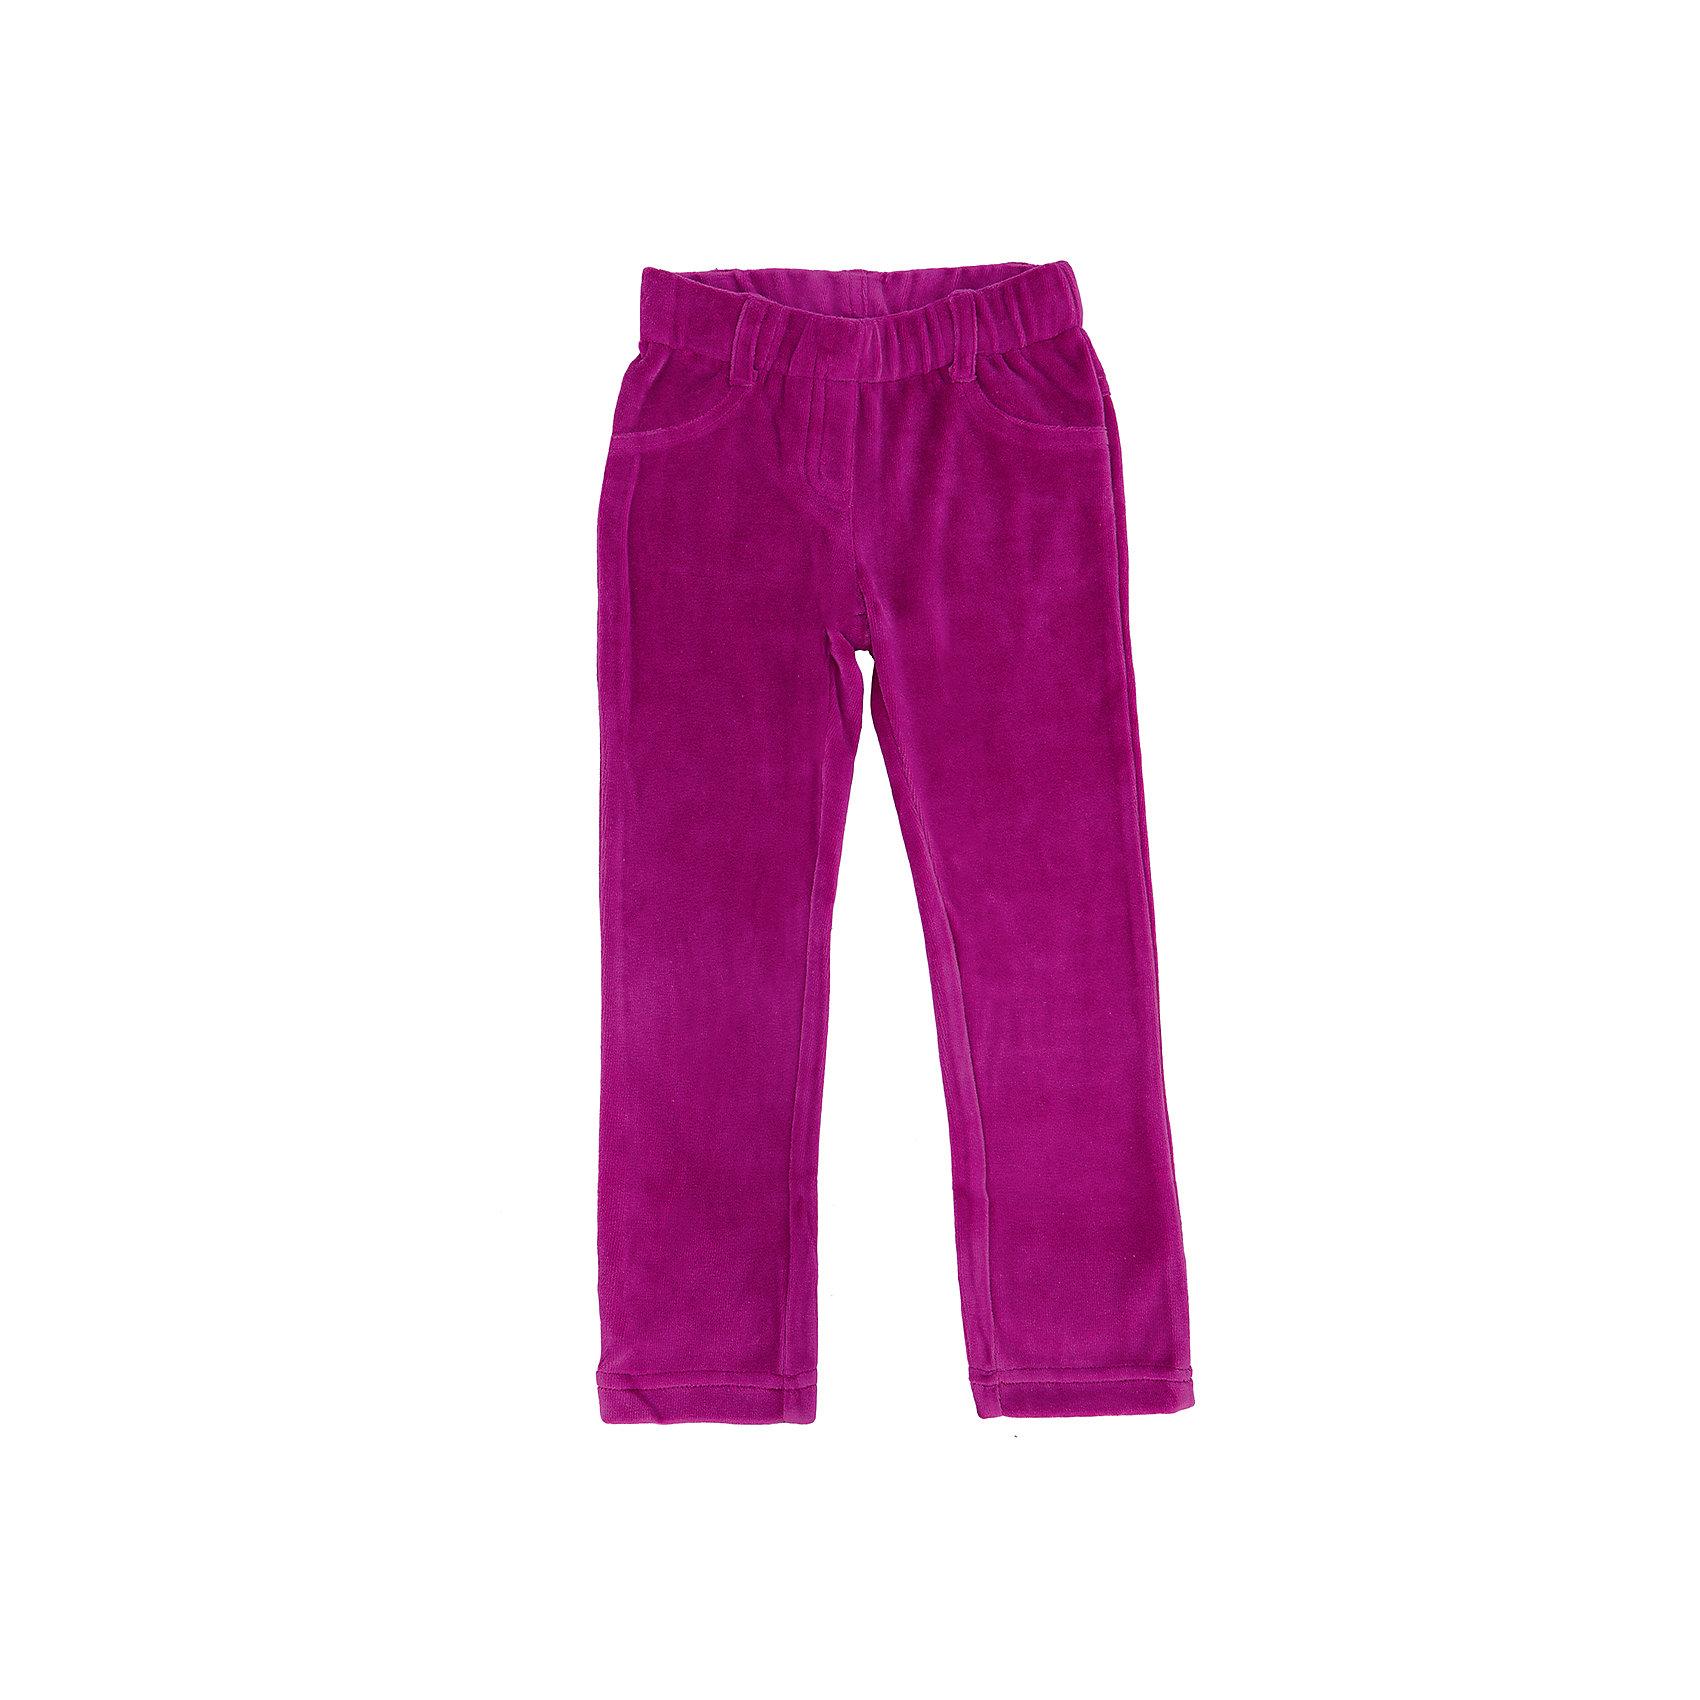 Брюки для девочки PlayTodayБрюки<br>Брюки для девочки от известного бренда PlayToday.<br>Уютные велюровые брюки яркого-розового цвета. Пояс на мягкой резинке, имитация застежки и карманов.<br>Состав:<br>75% хлопок, 25% полиэстер<br><br>Ширина мм: 215<br>Глубина мм: 88<br>Высота мм: 191<br>Вес г: 336<br>Цвет: розовый<br>Возраст от месяцев: 72<br>Возраст до месяцев: 84<br>Пол: Женский<br>Возраст: Детский<br>Размер: 122,104,128,110,116,98<br>SKU: 4897075